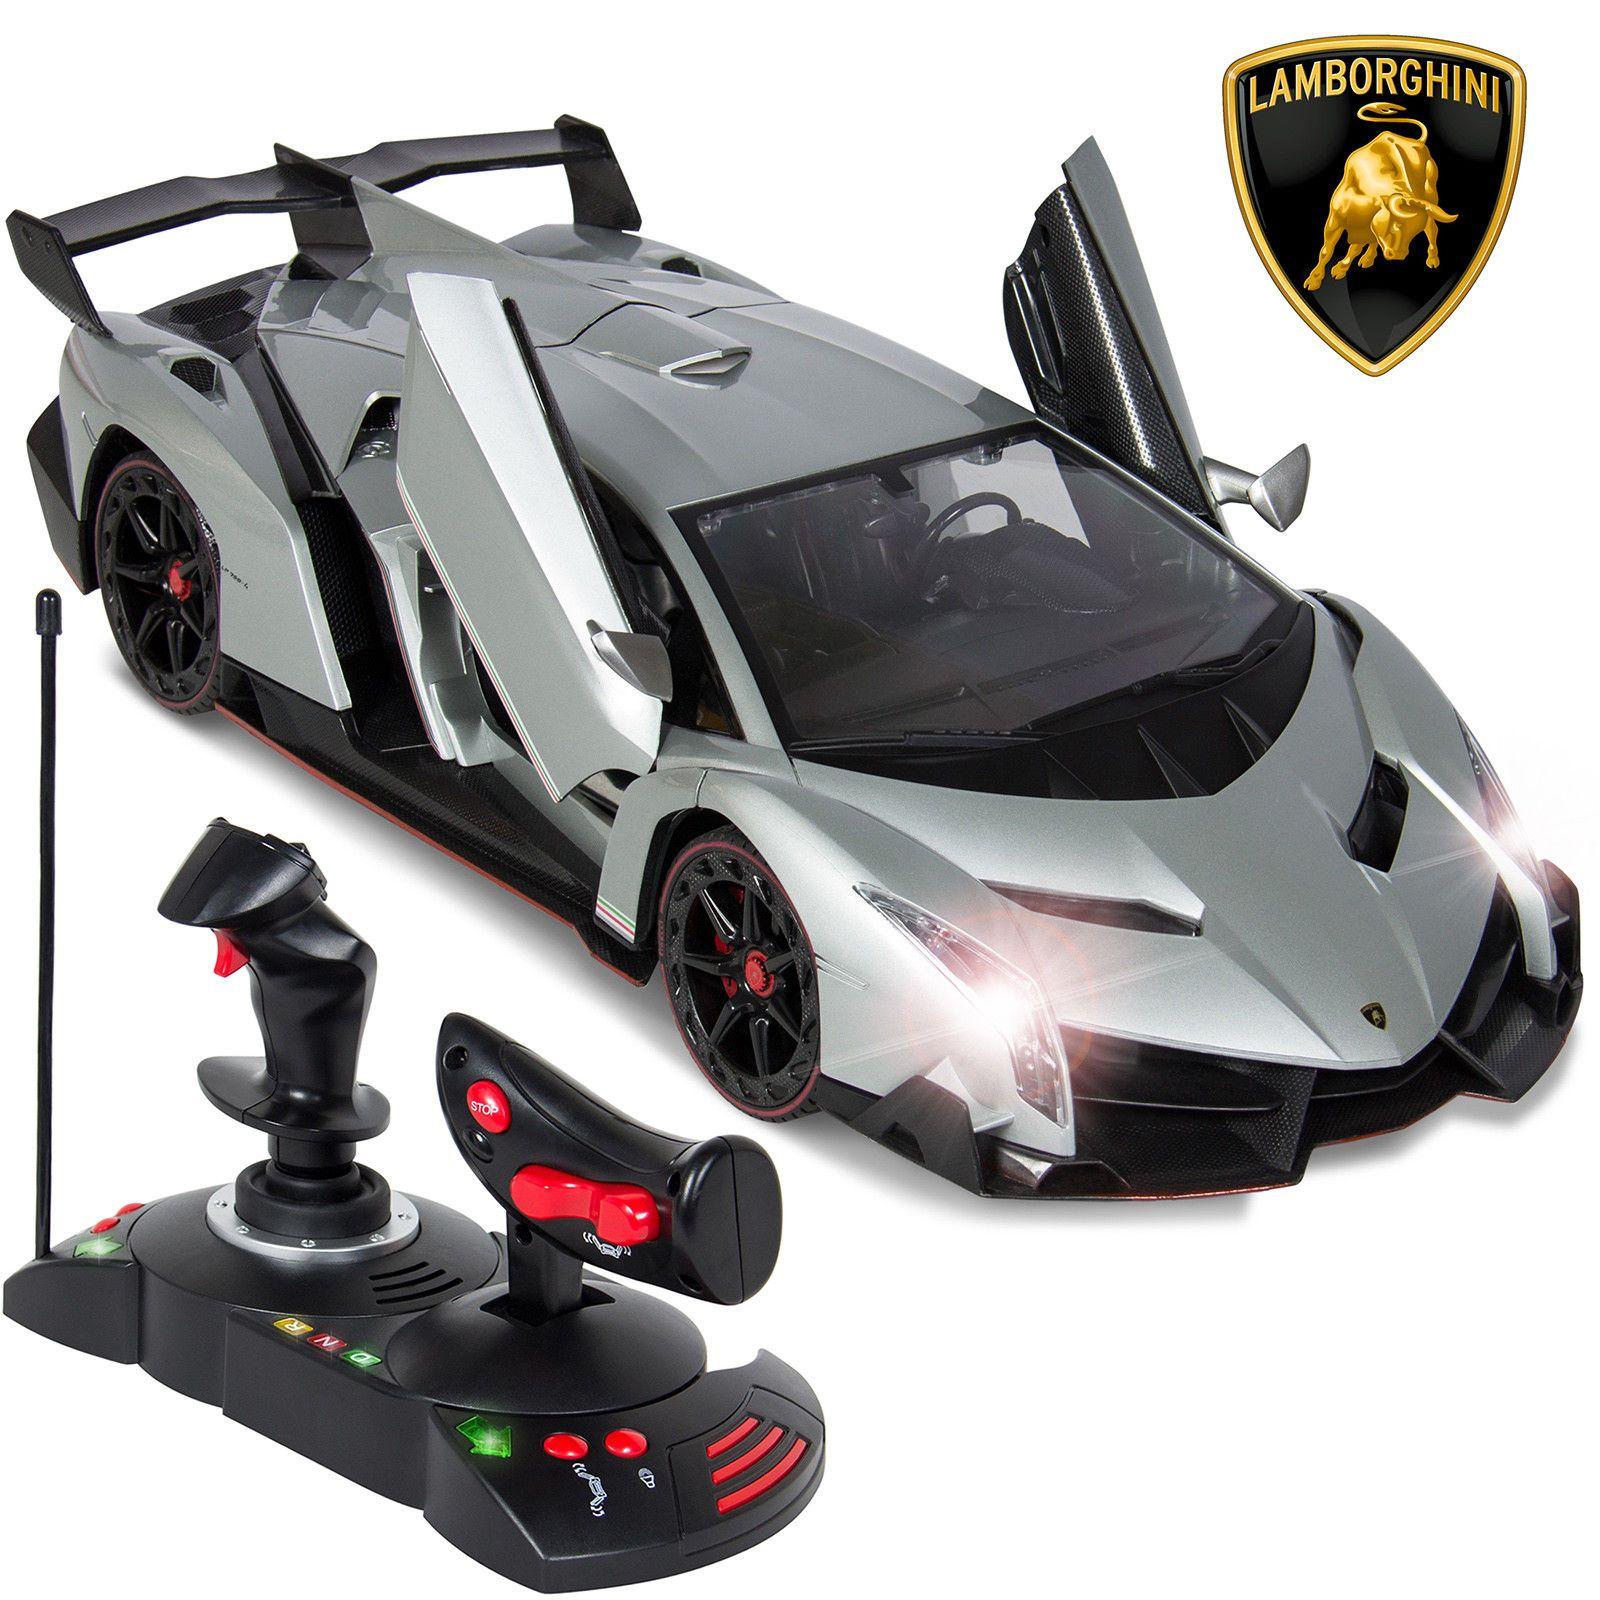 Bcp 1 14 Kids Remote Control Lamborghini Veneno Rc Toy W Gravity Sensor Remote Control Cars Lamborghini Veneno Radio Controlled Boats